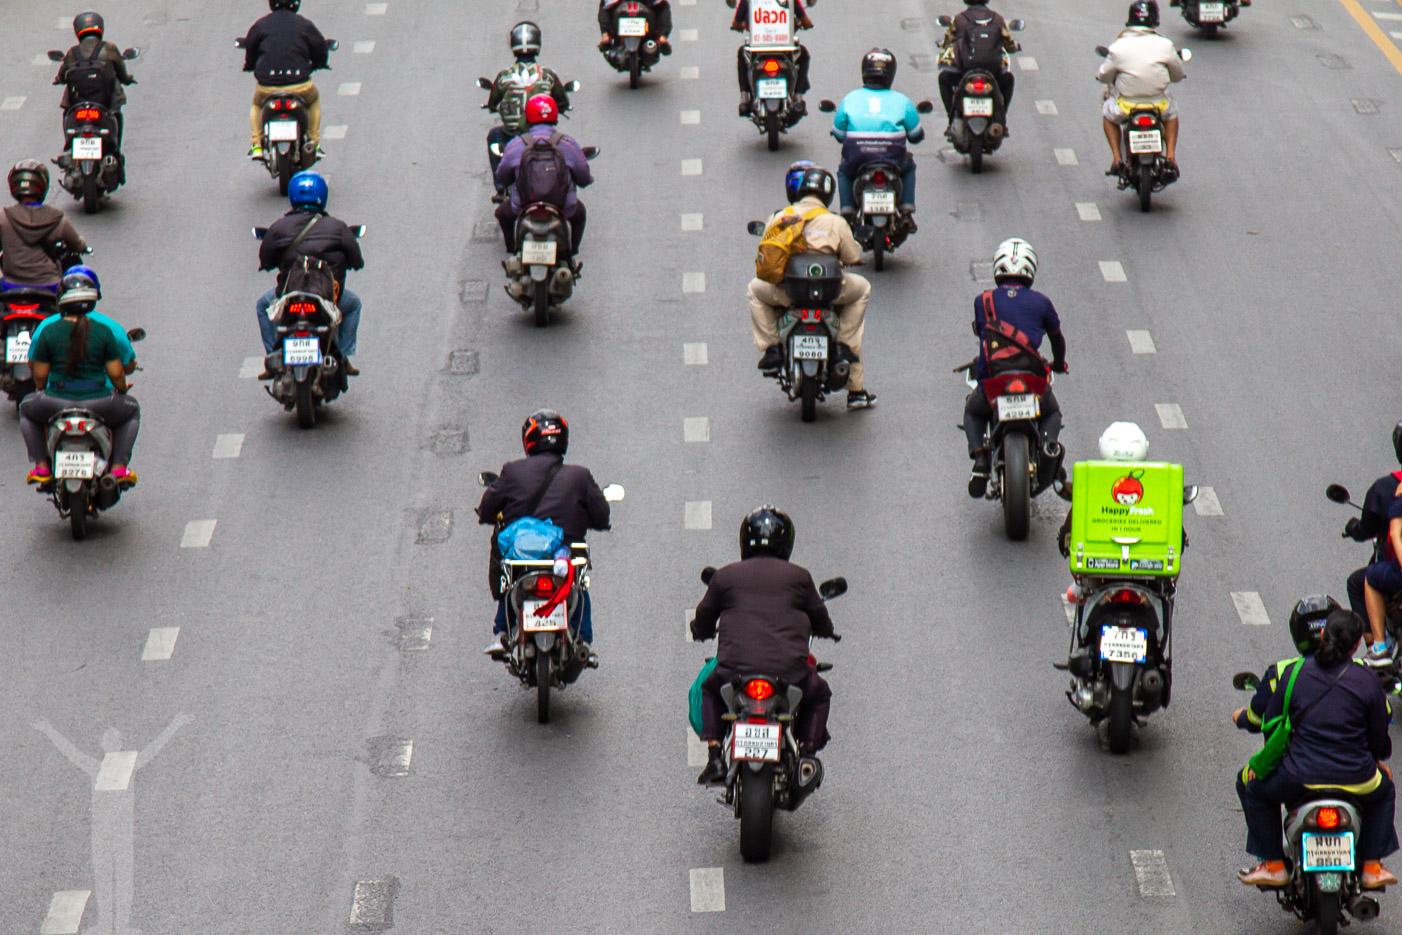 Alltid mopeder och motorcyklar.